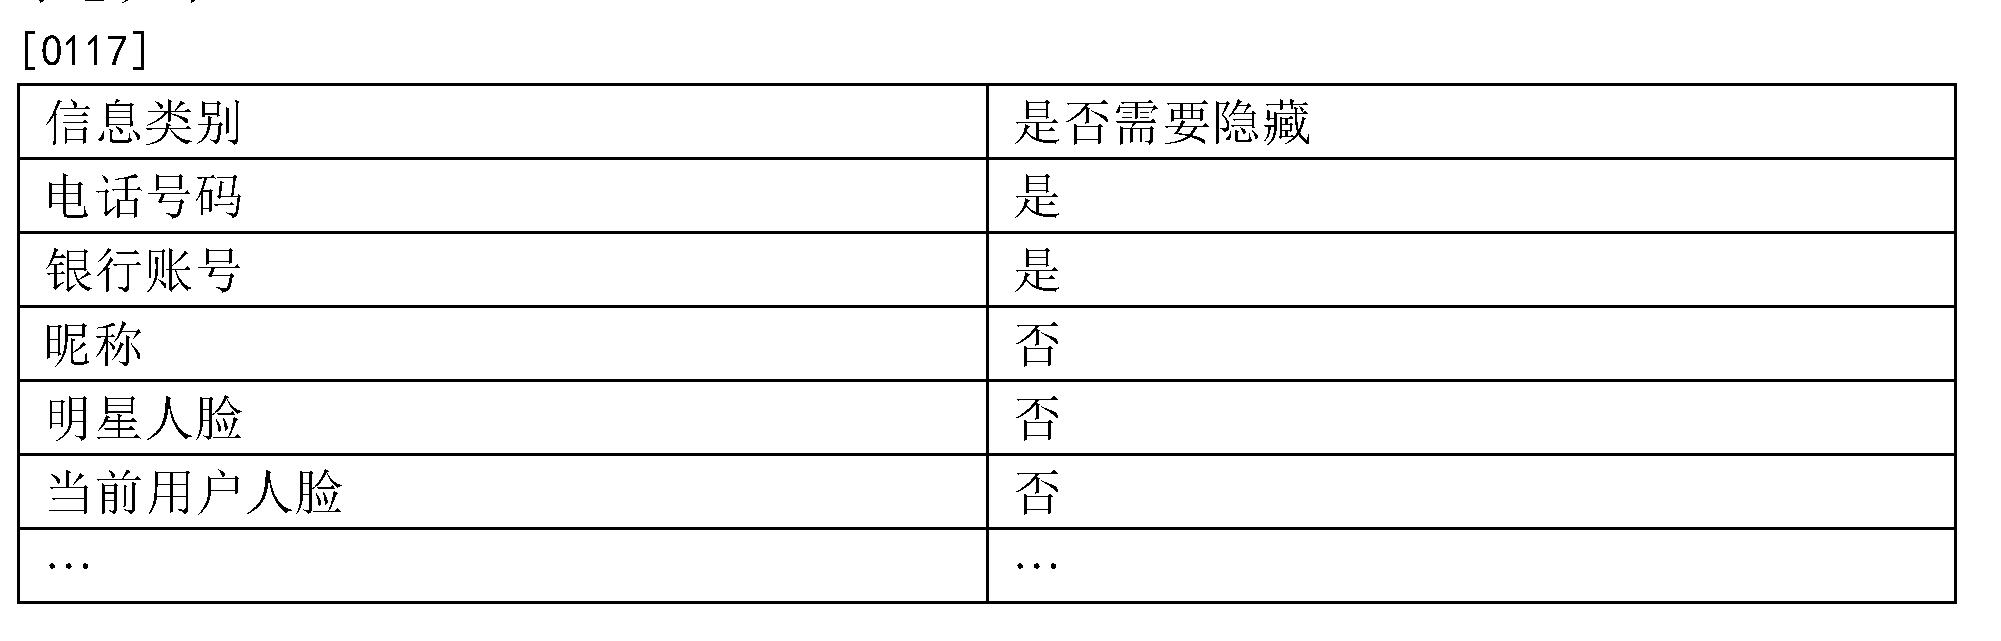 Figure CN104021350BD00091